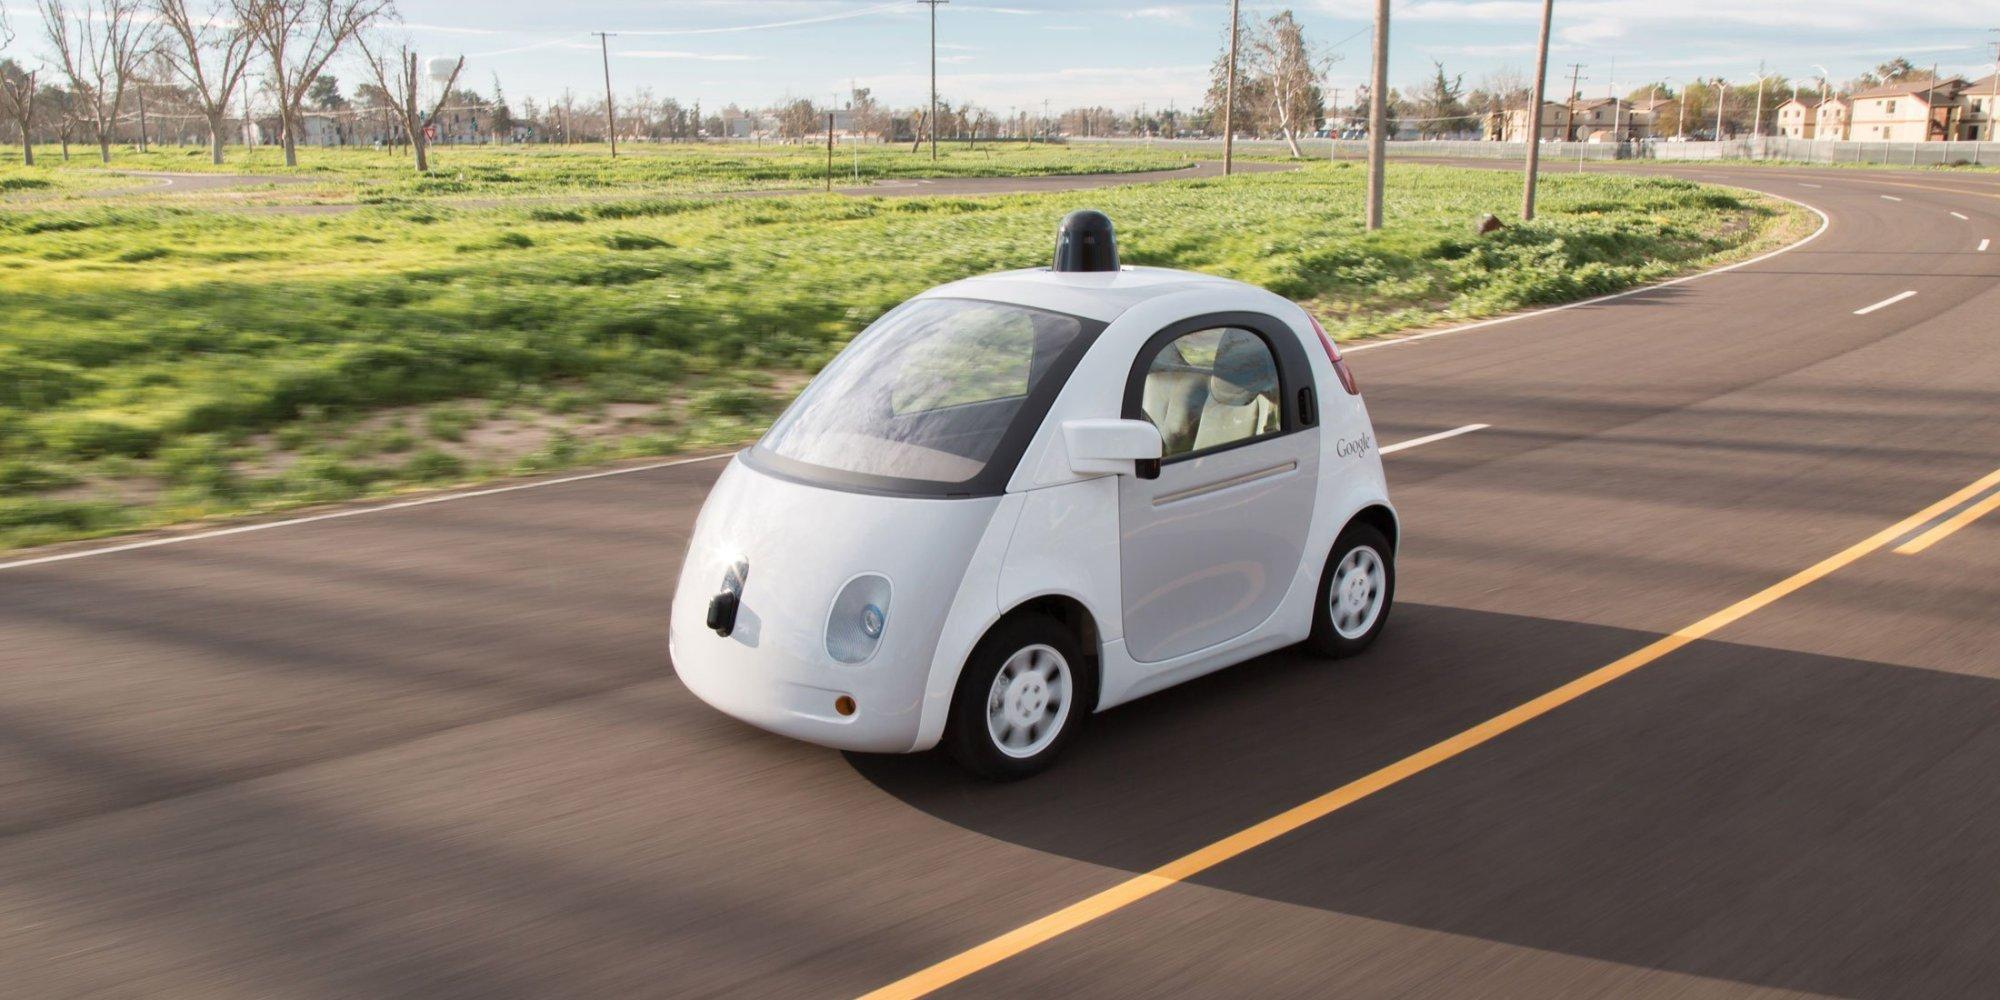 هوندا: سيارة جديدة ستَشعر بالعواطف البشرية